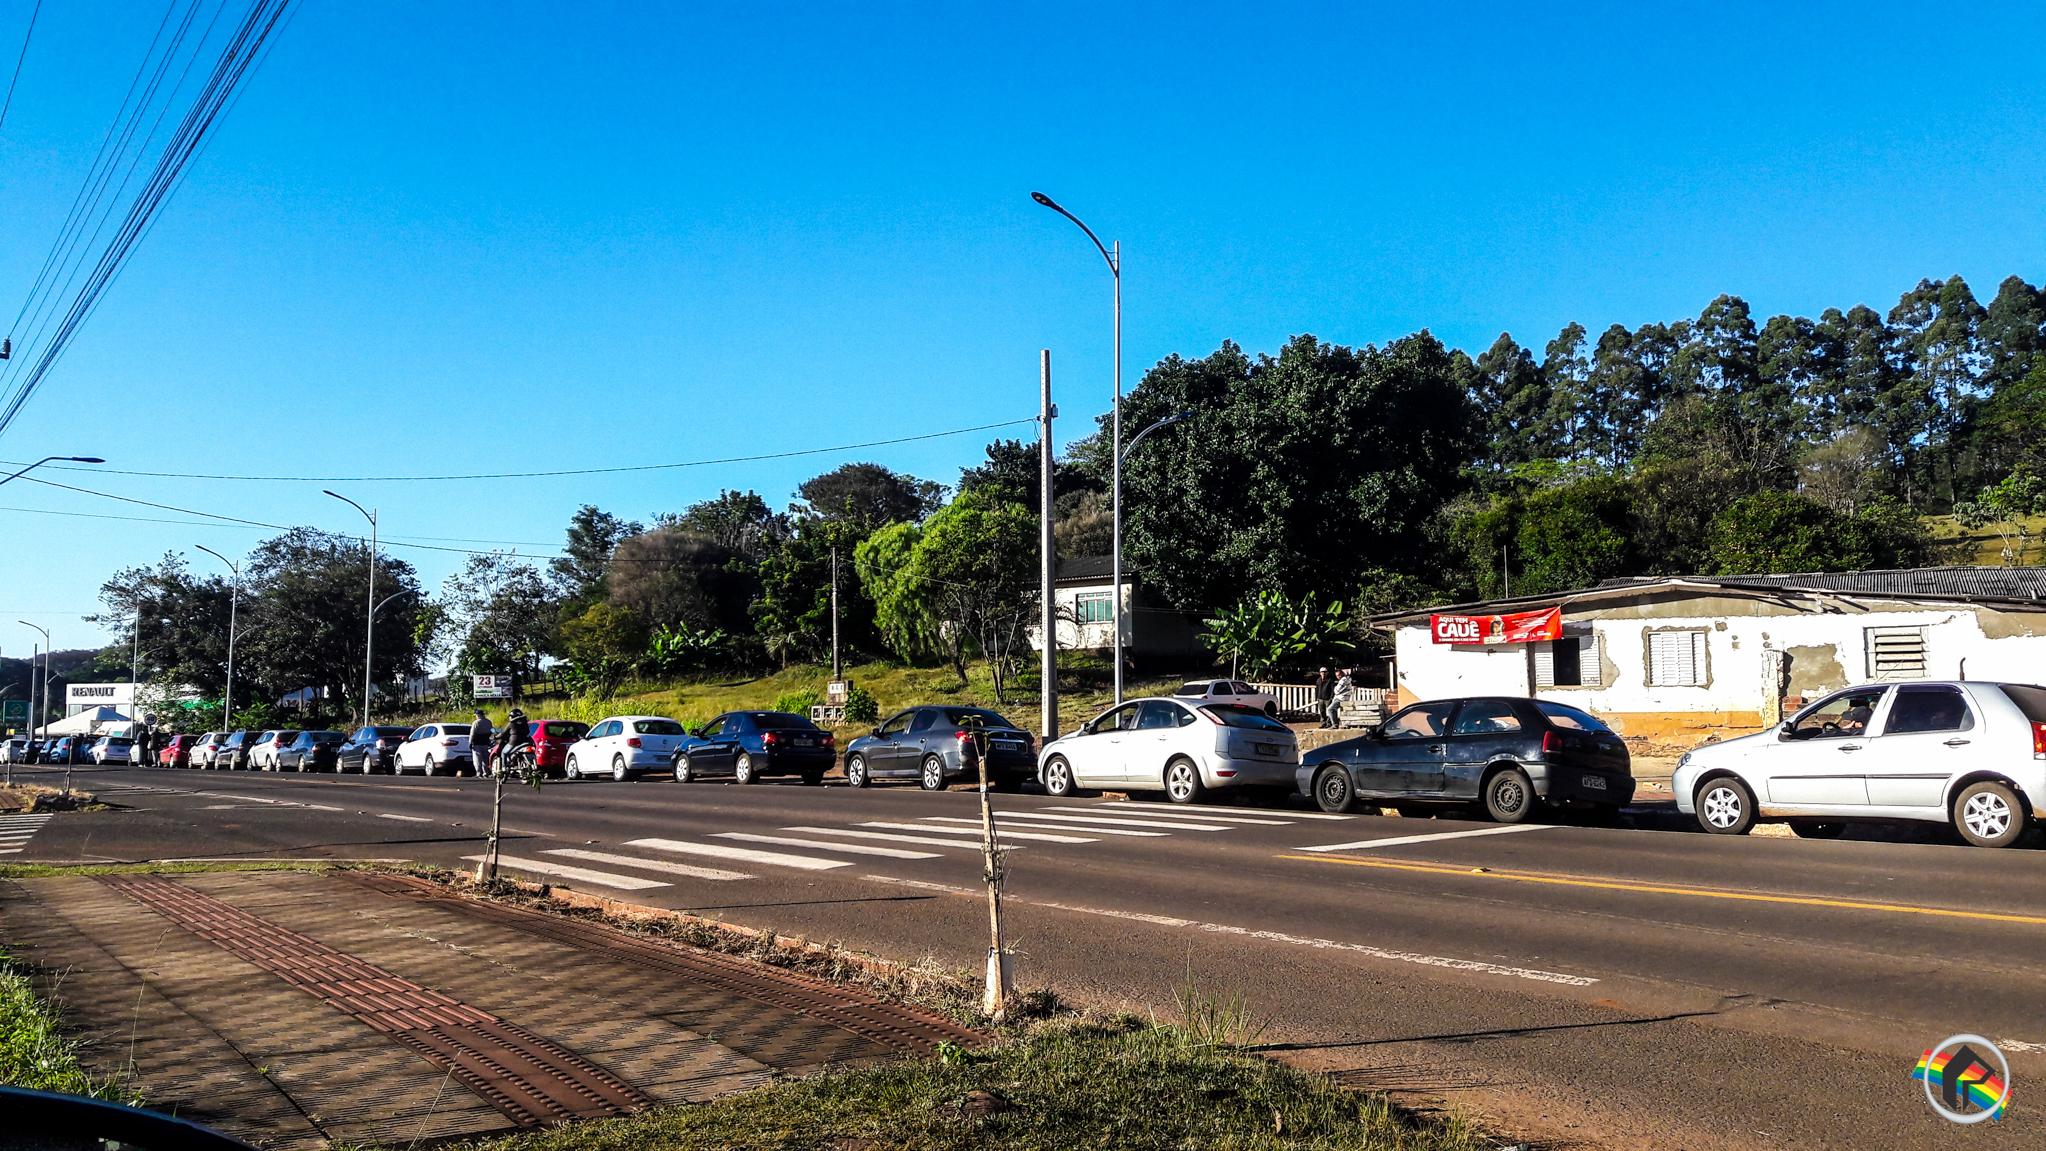 Com greve dos caminhoneiros, falta Gasolina em postos de São Miguel do Oeste